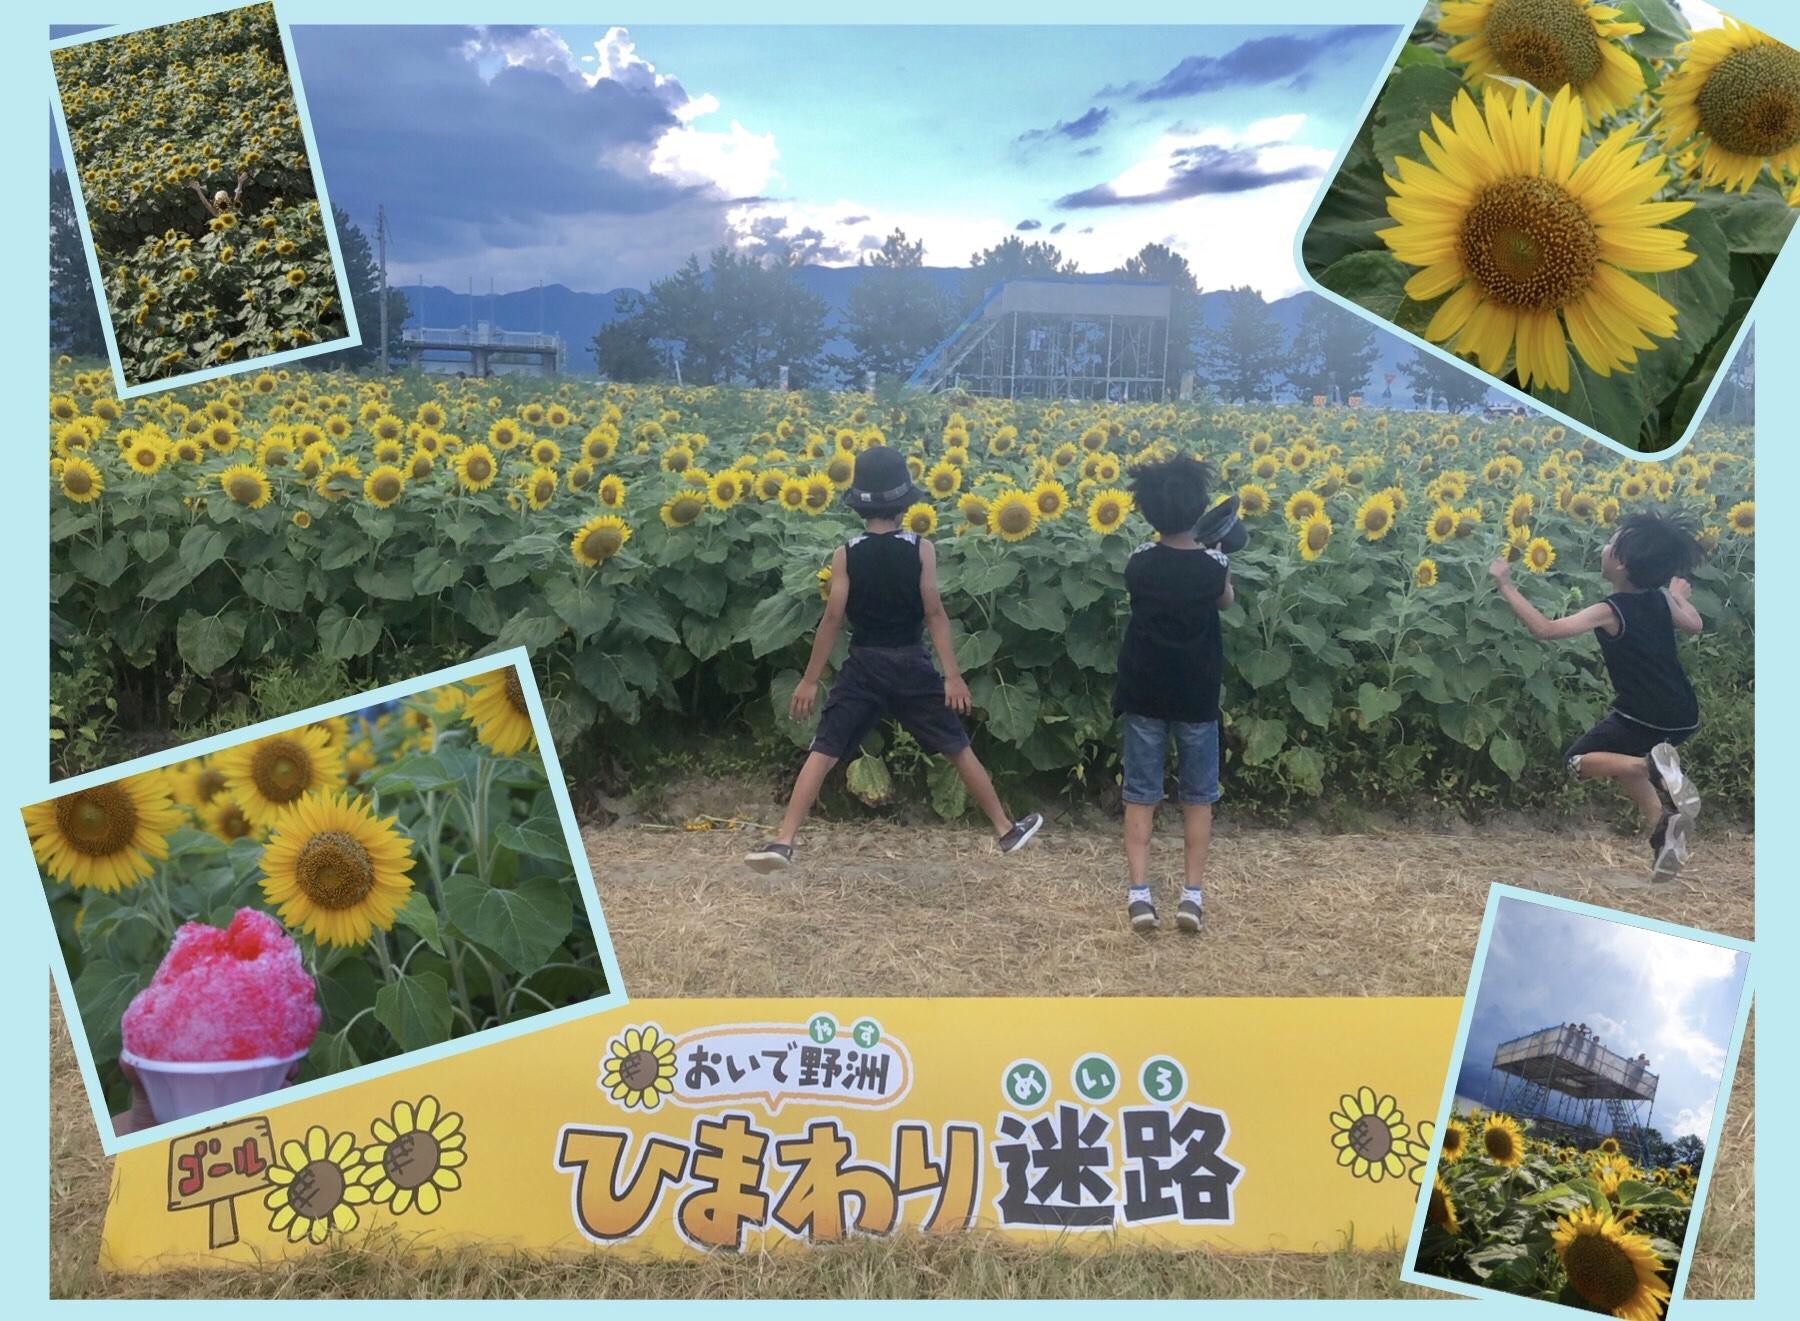 【〜8月12日(月・祝)】咲き誇る5万本の向日葵!おいで野洲ひまわり迷路に行ってきた!